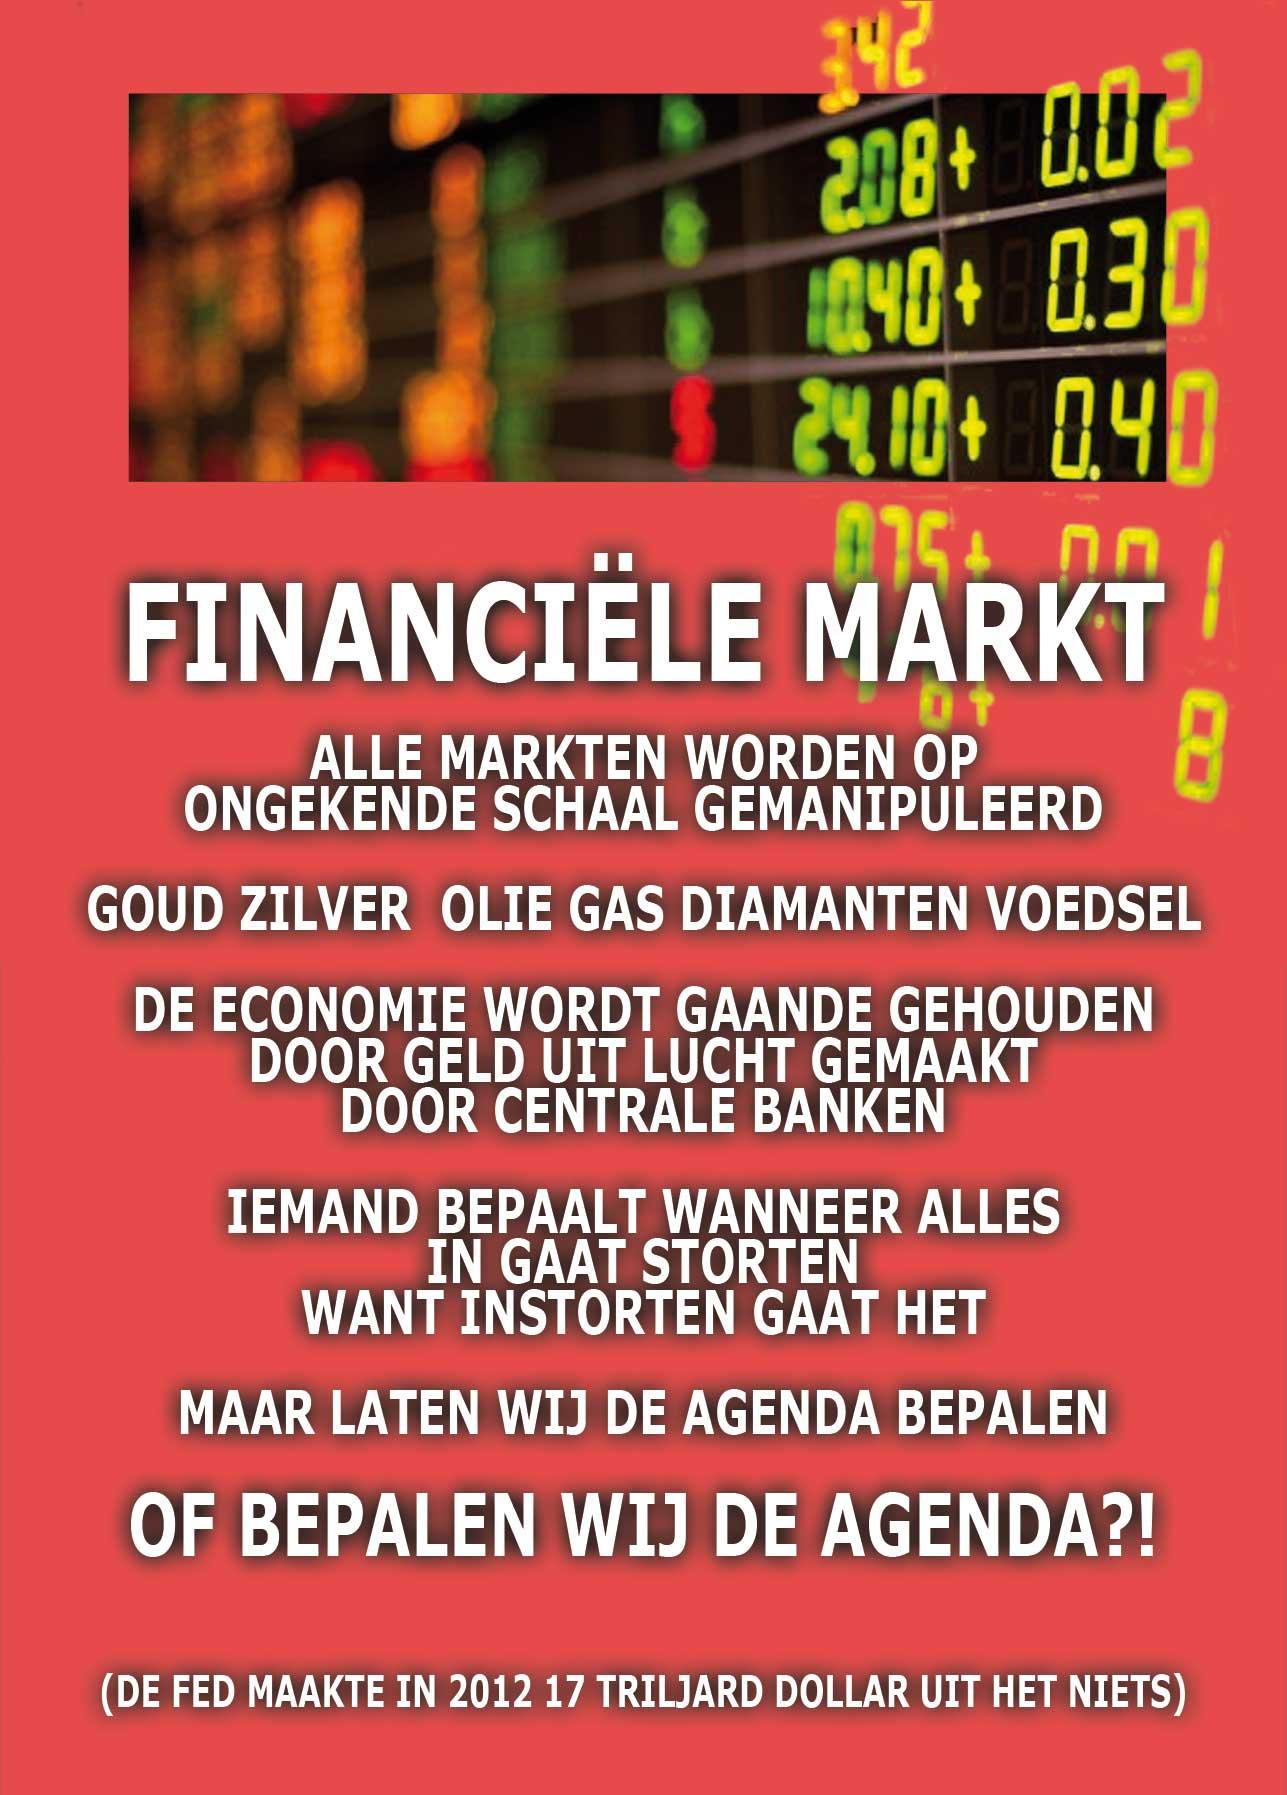 Financiele Markten worden allemaal gemanipuleerd